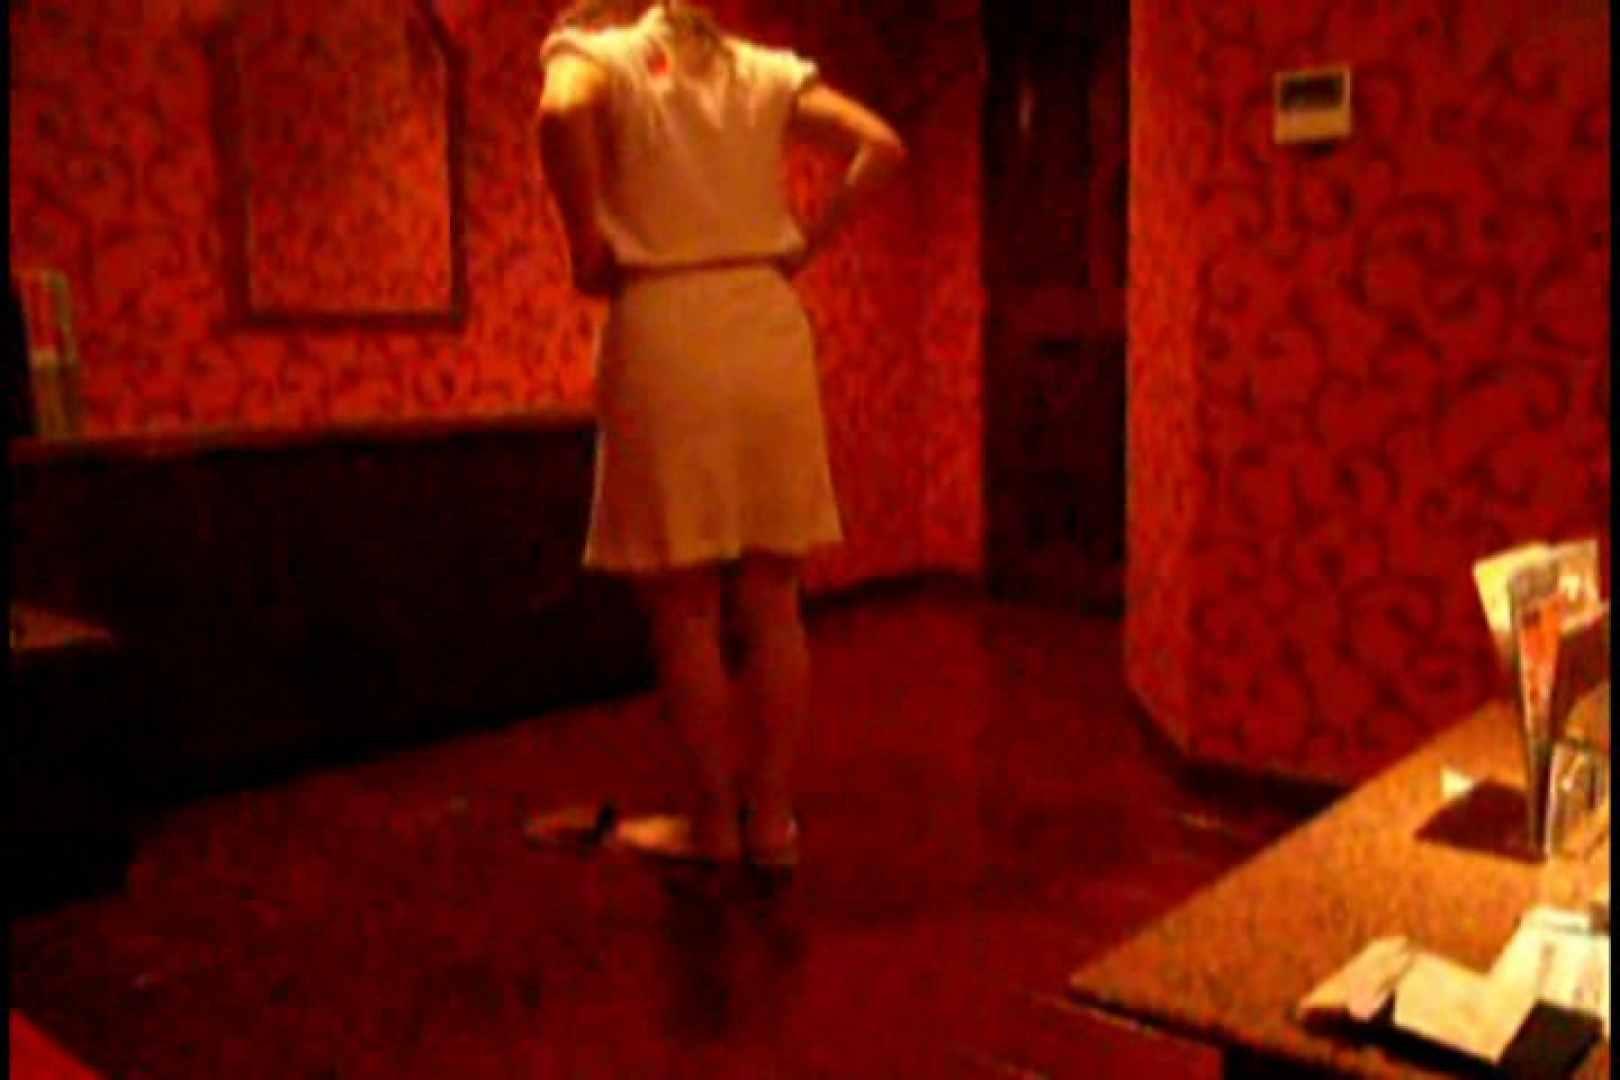 某掲示板に投稿された素人女性たちVOL.9 ホテル 性交動画流出 38連発 14